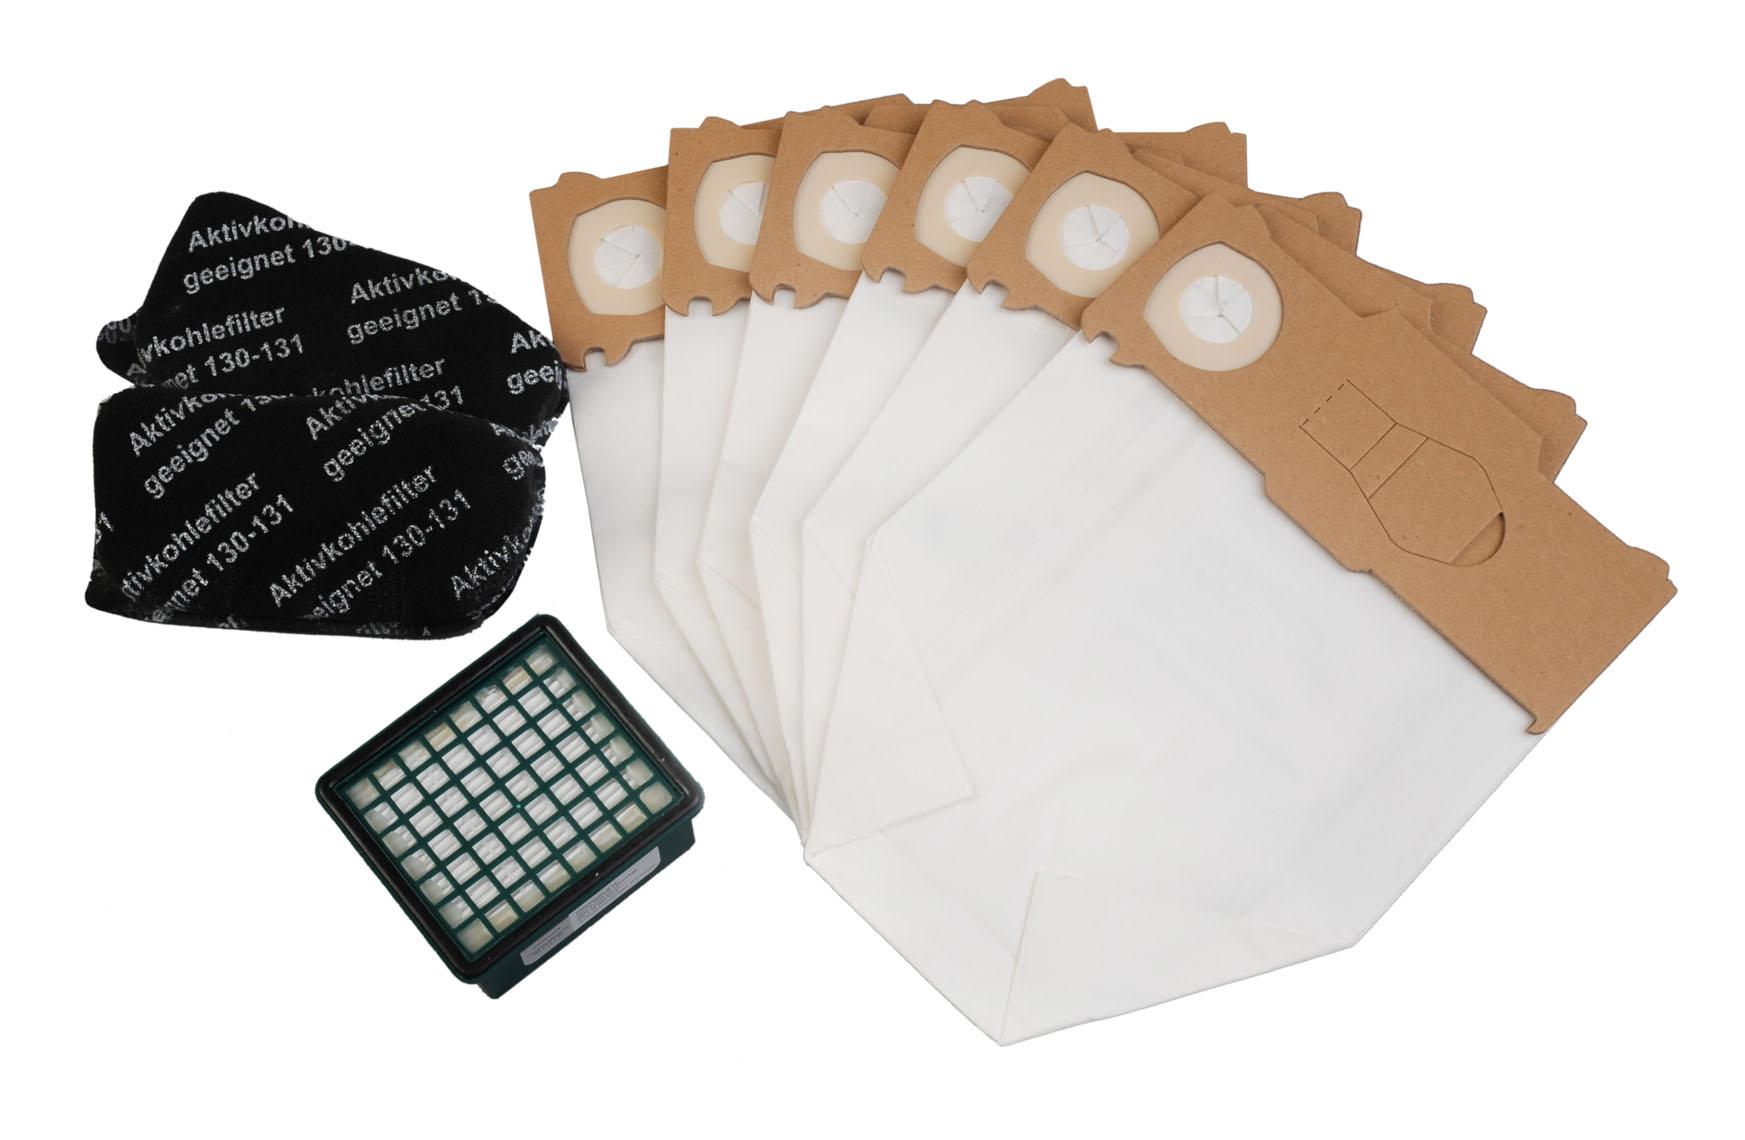 50 Staubsaugerbeutel Hepa-Filter-Set passend für Vorwerk Kobold 130-131